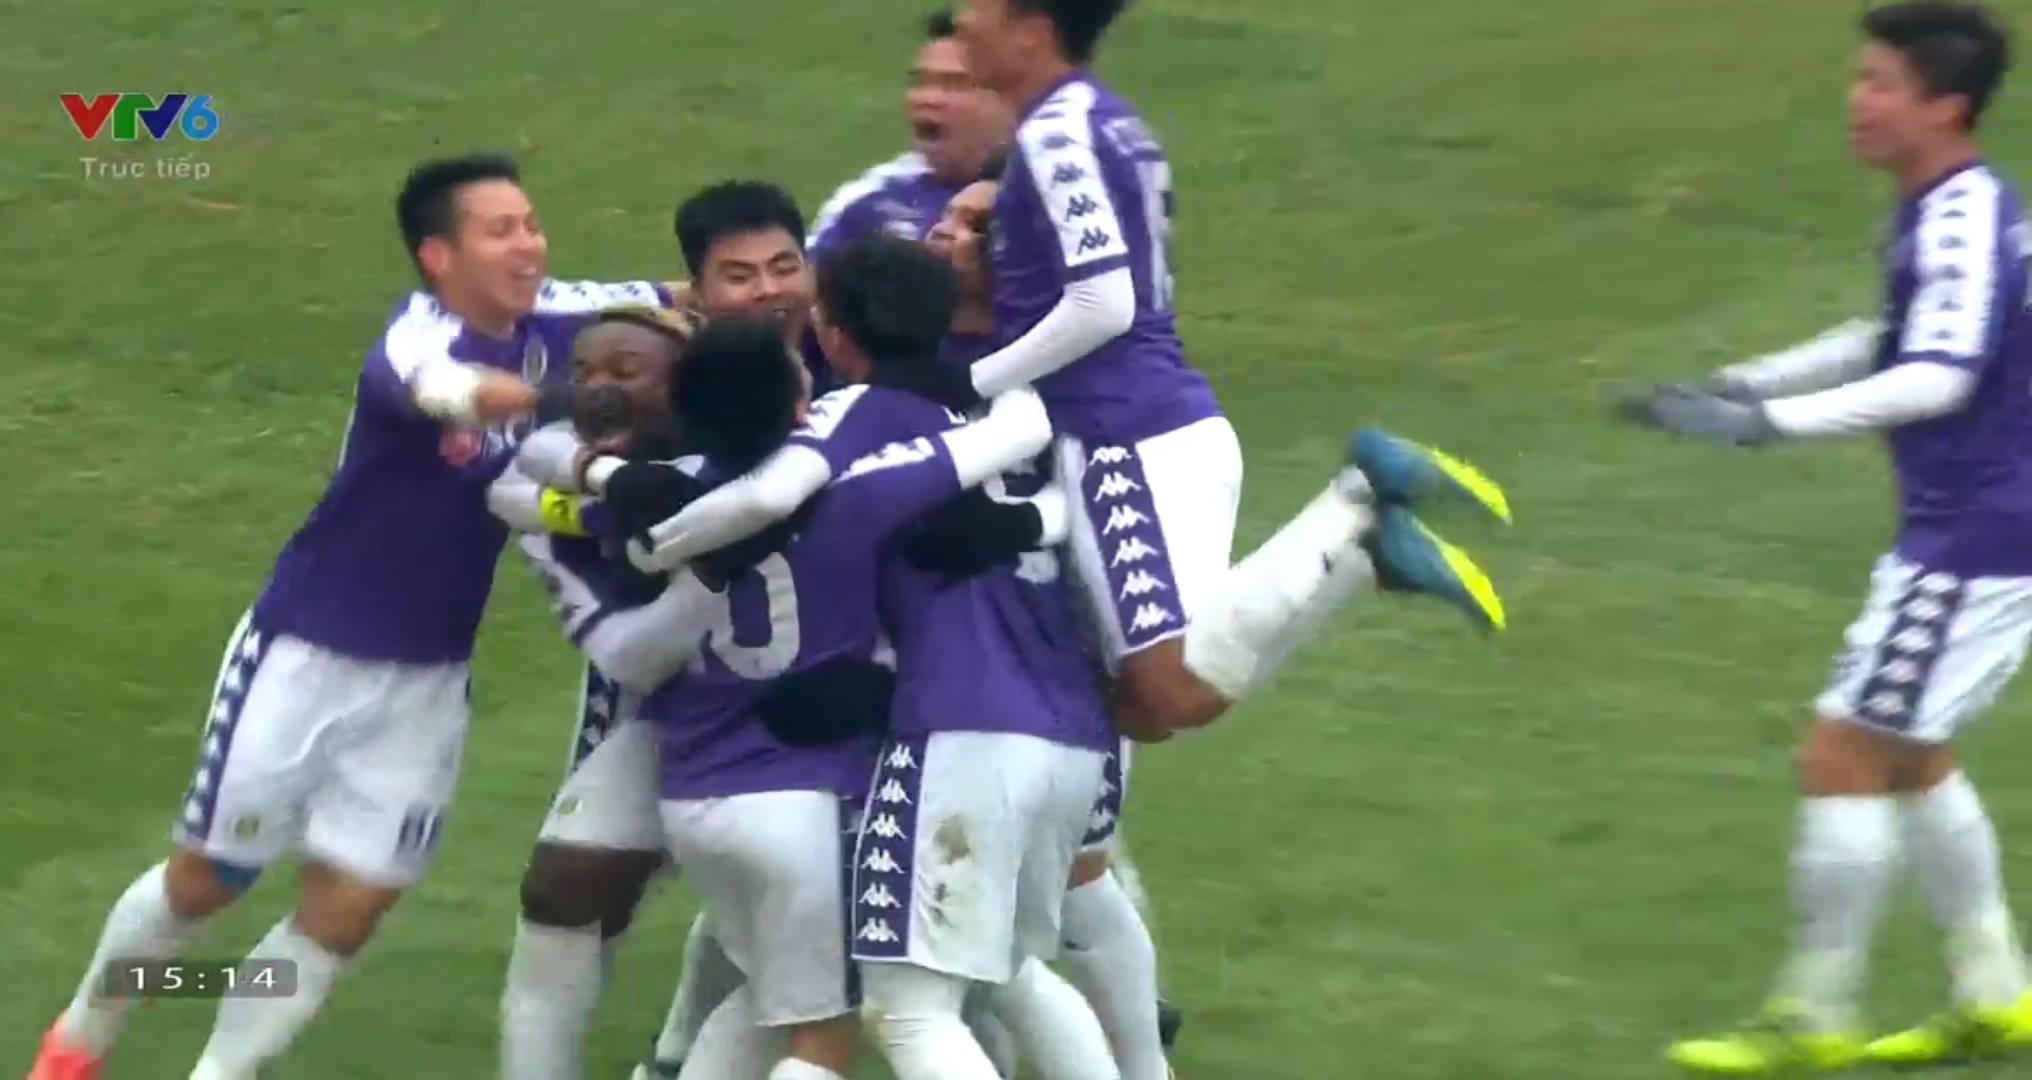 Hà Nội phối hợp như 'đá ma' CLB của Fellaini trước khi Văn Quyết volley ghi bàn đẹp mắt - Bóng Đá